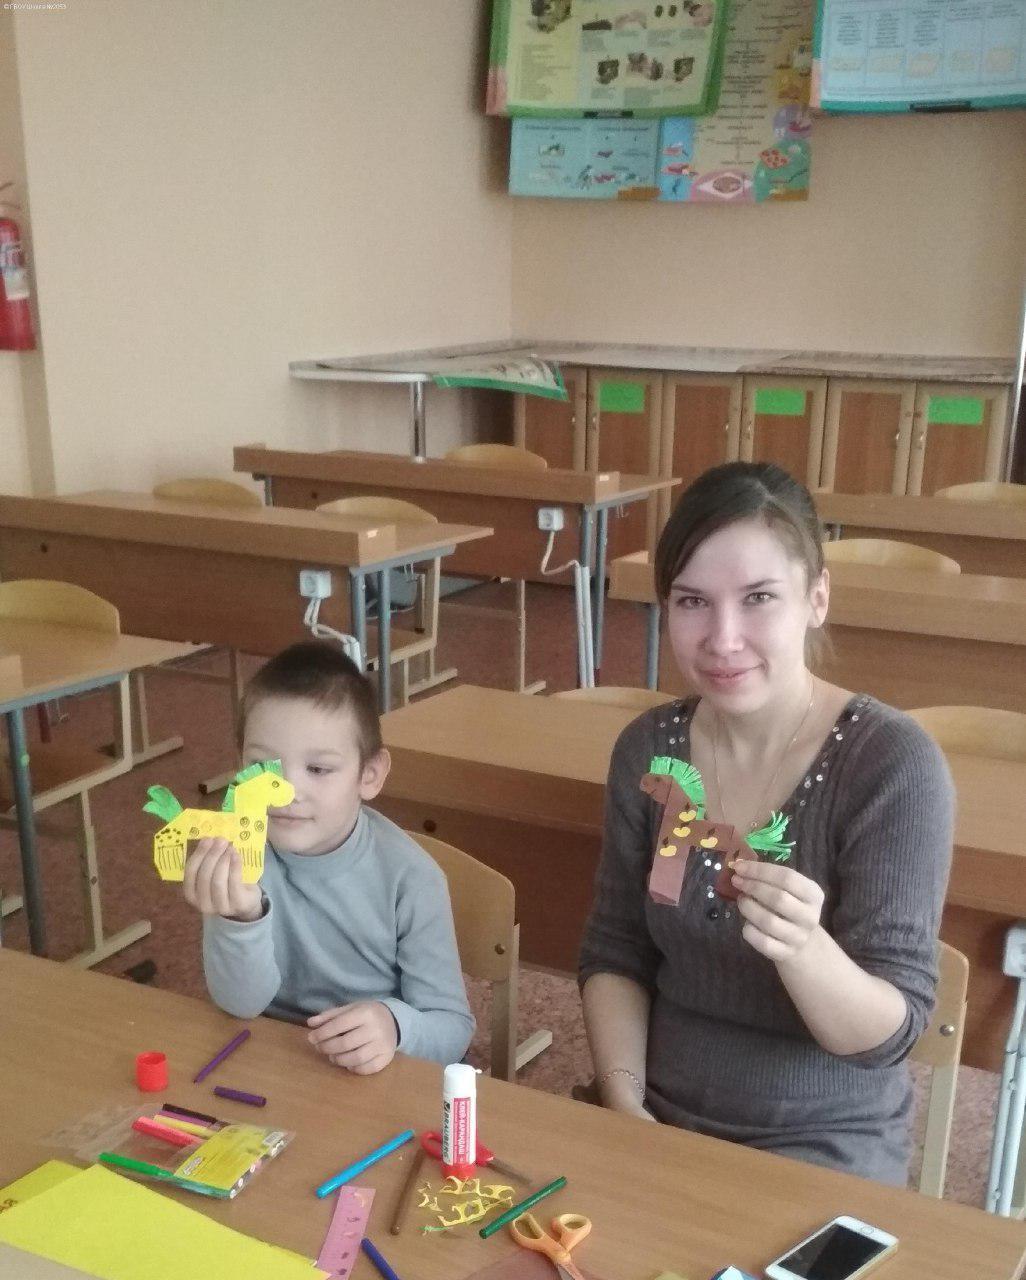 Дошкольники из Некрасовки мастерят игрушки вместе с родителями